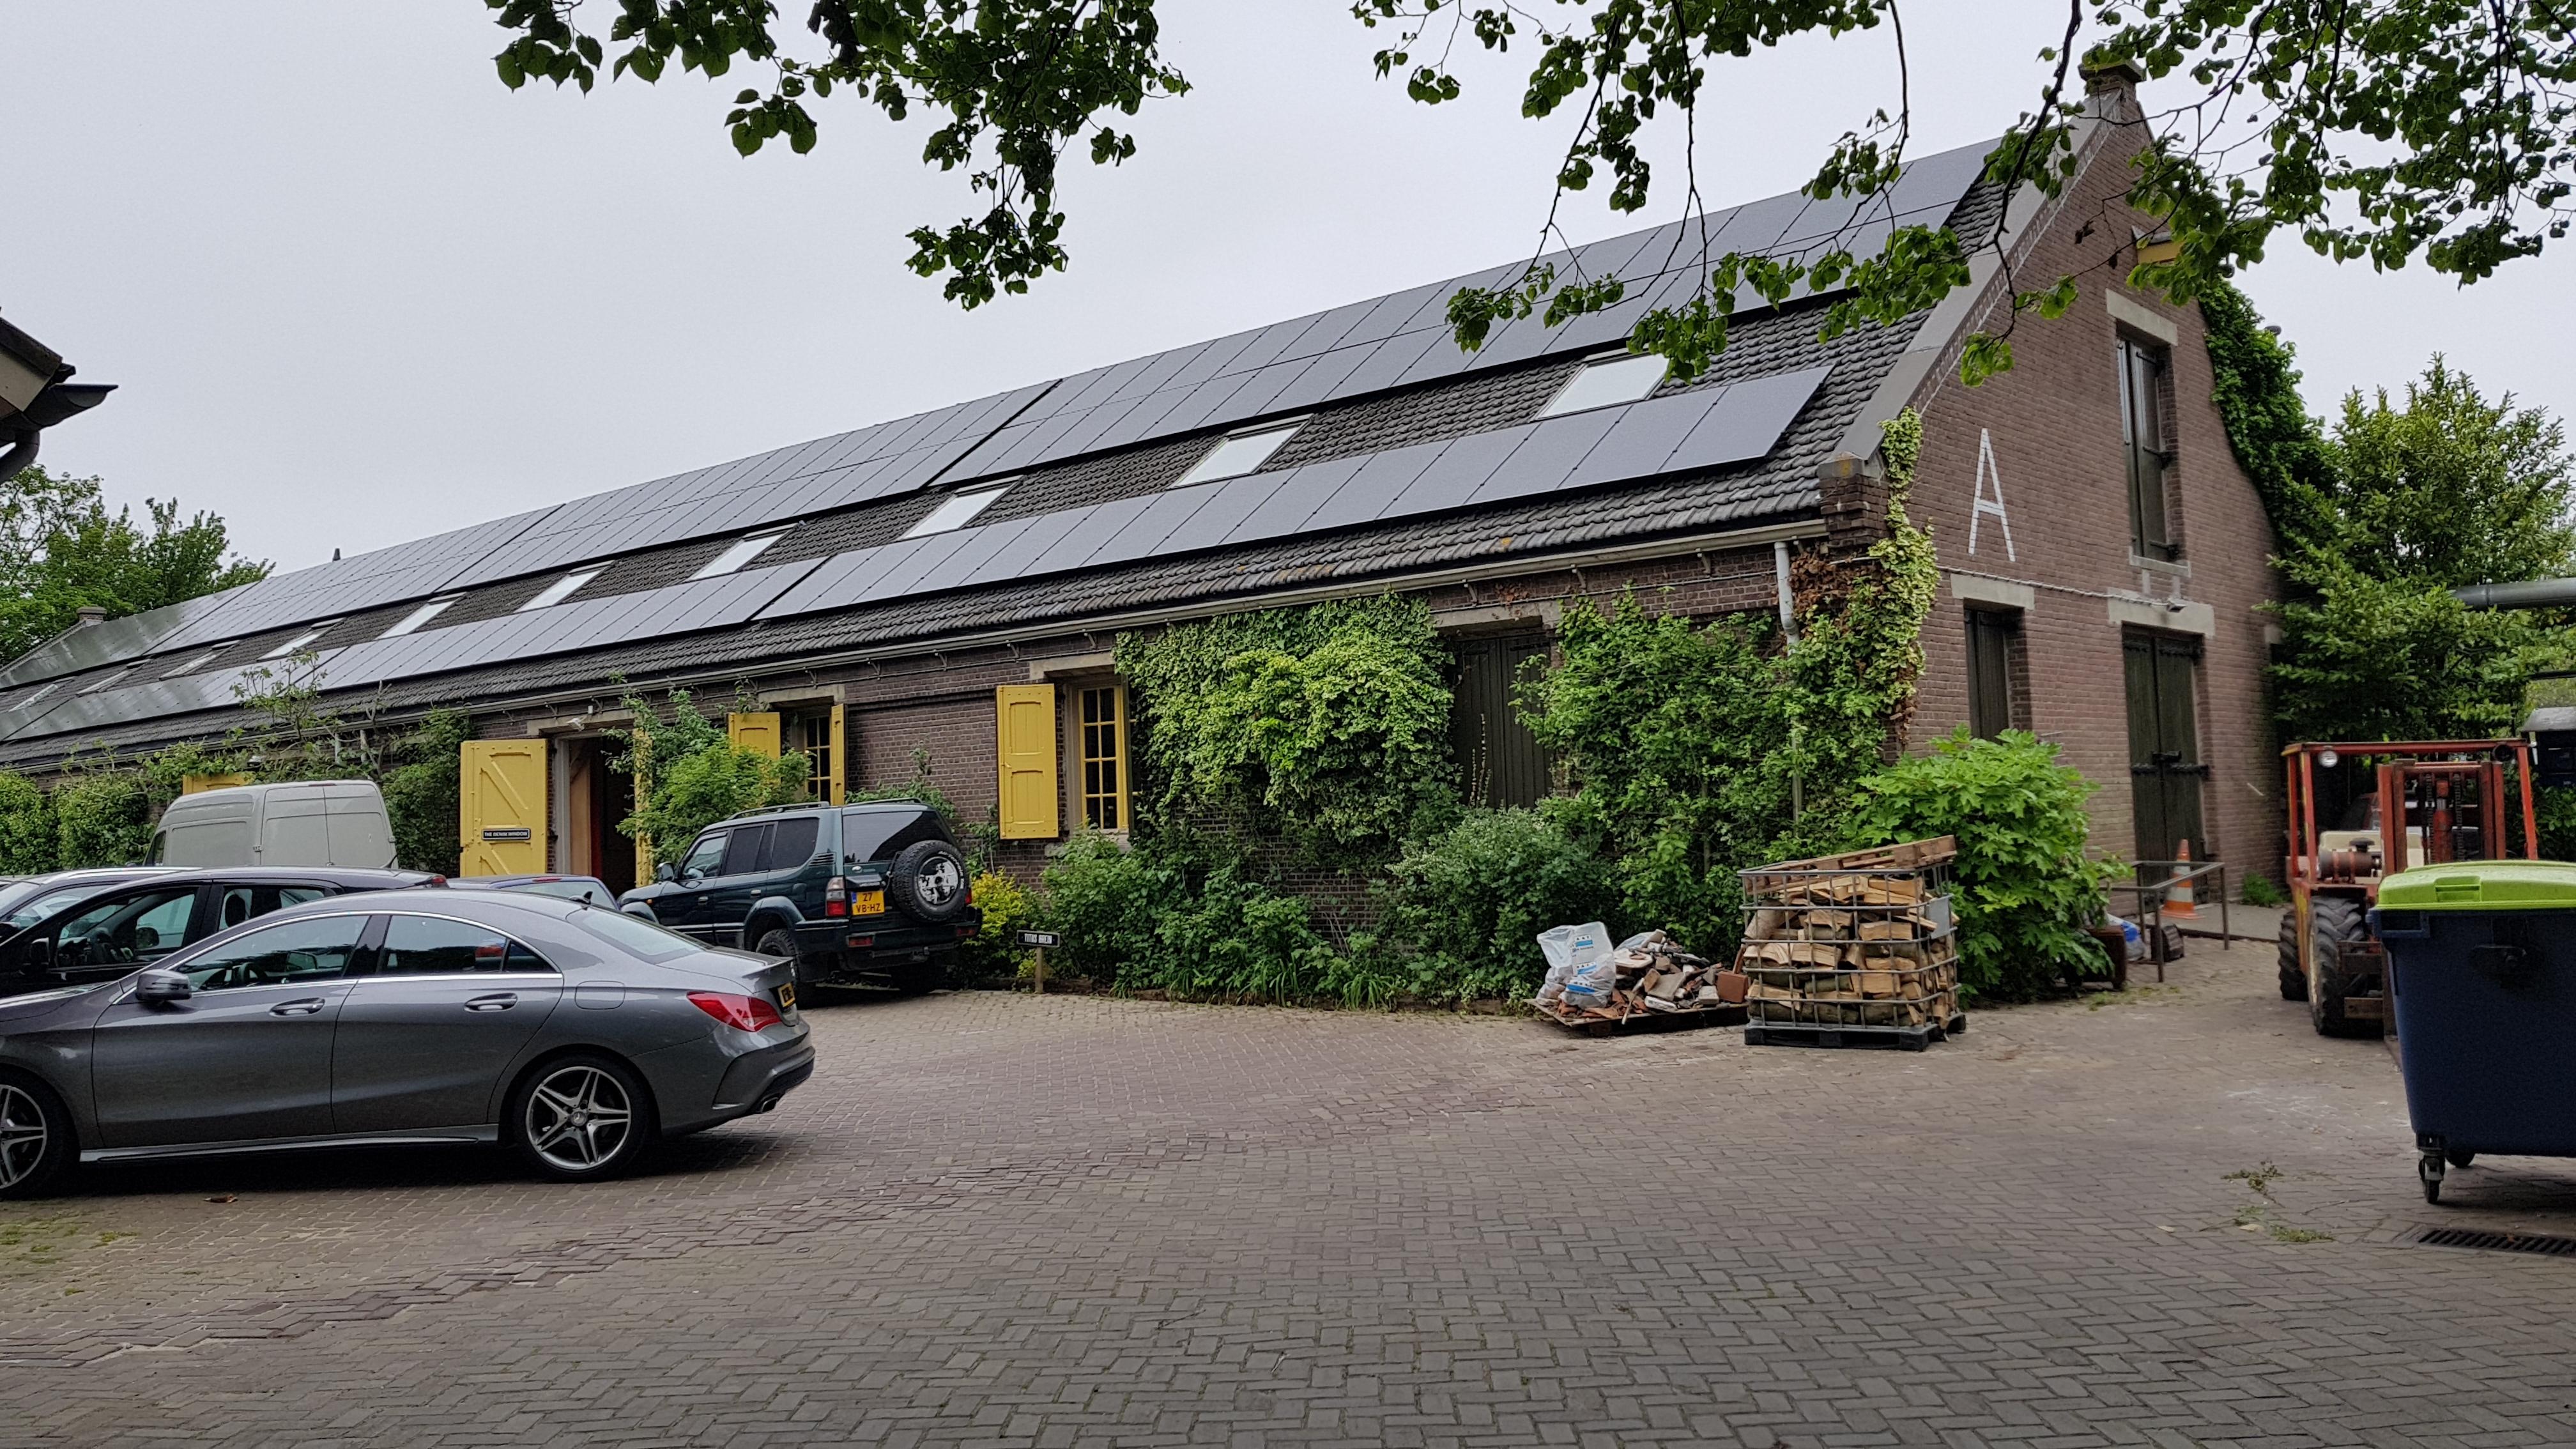 Gebouw met zonnepanelen op dak op bedrijventerrein De 1800 Roeden